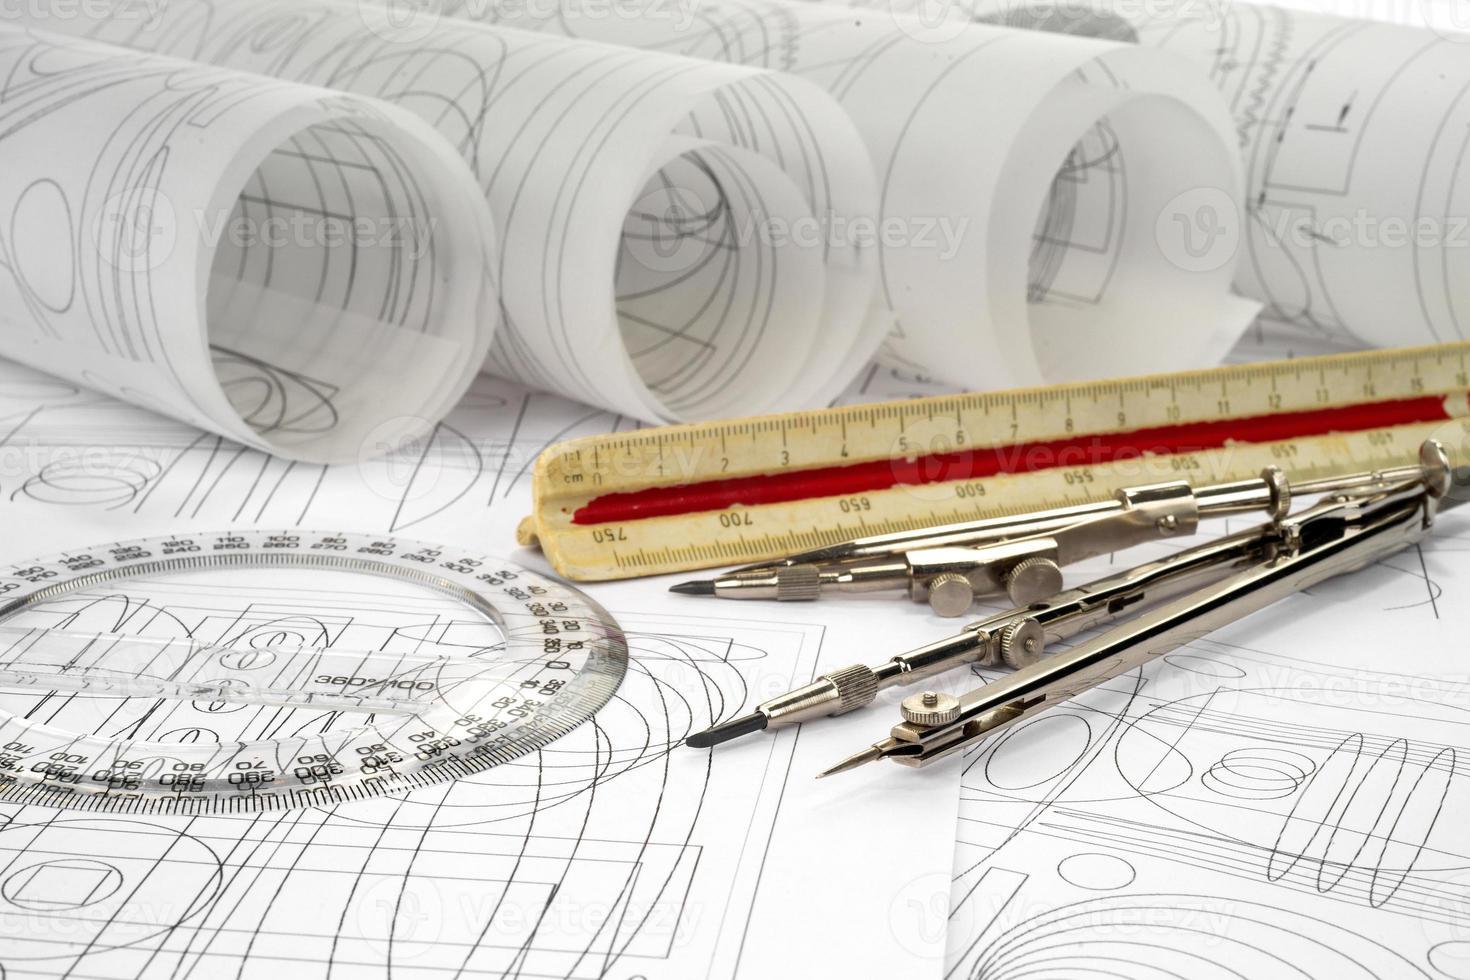 dibujos y herramientas de dibujo foto